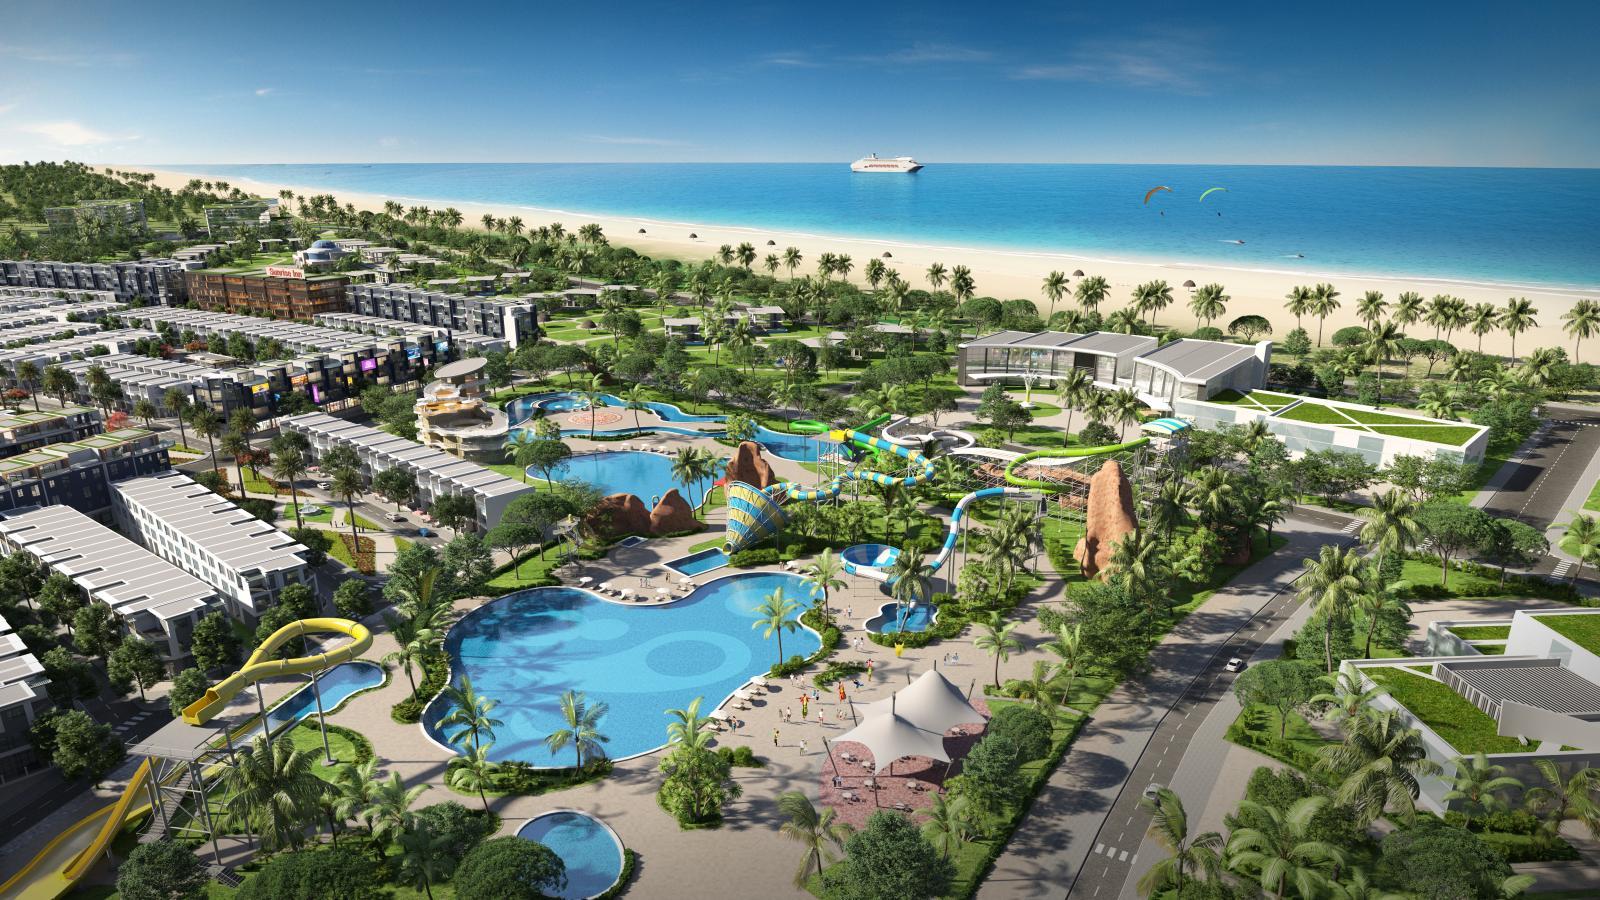 Phối cảnh một dự án bất động sản nằm sát biển với công viên nước và cây xanh